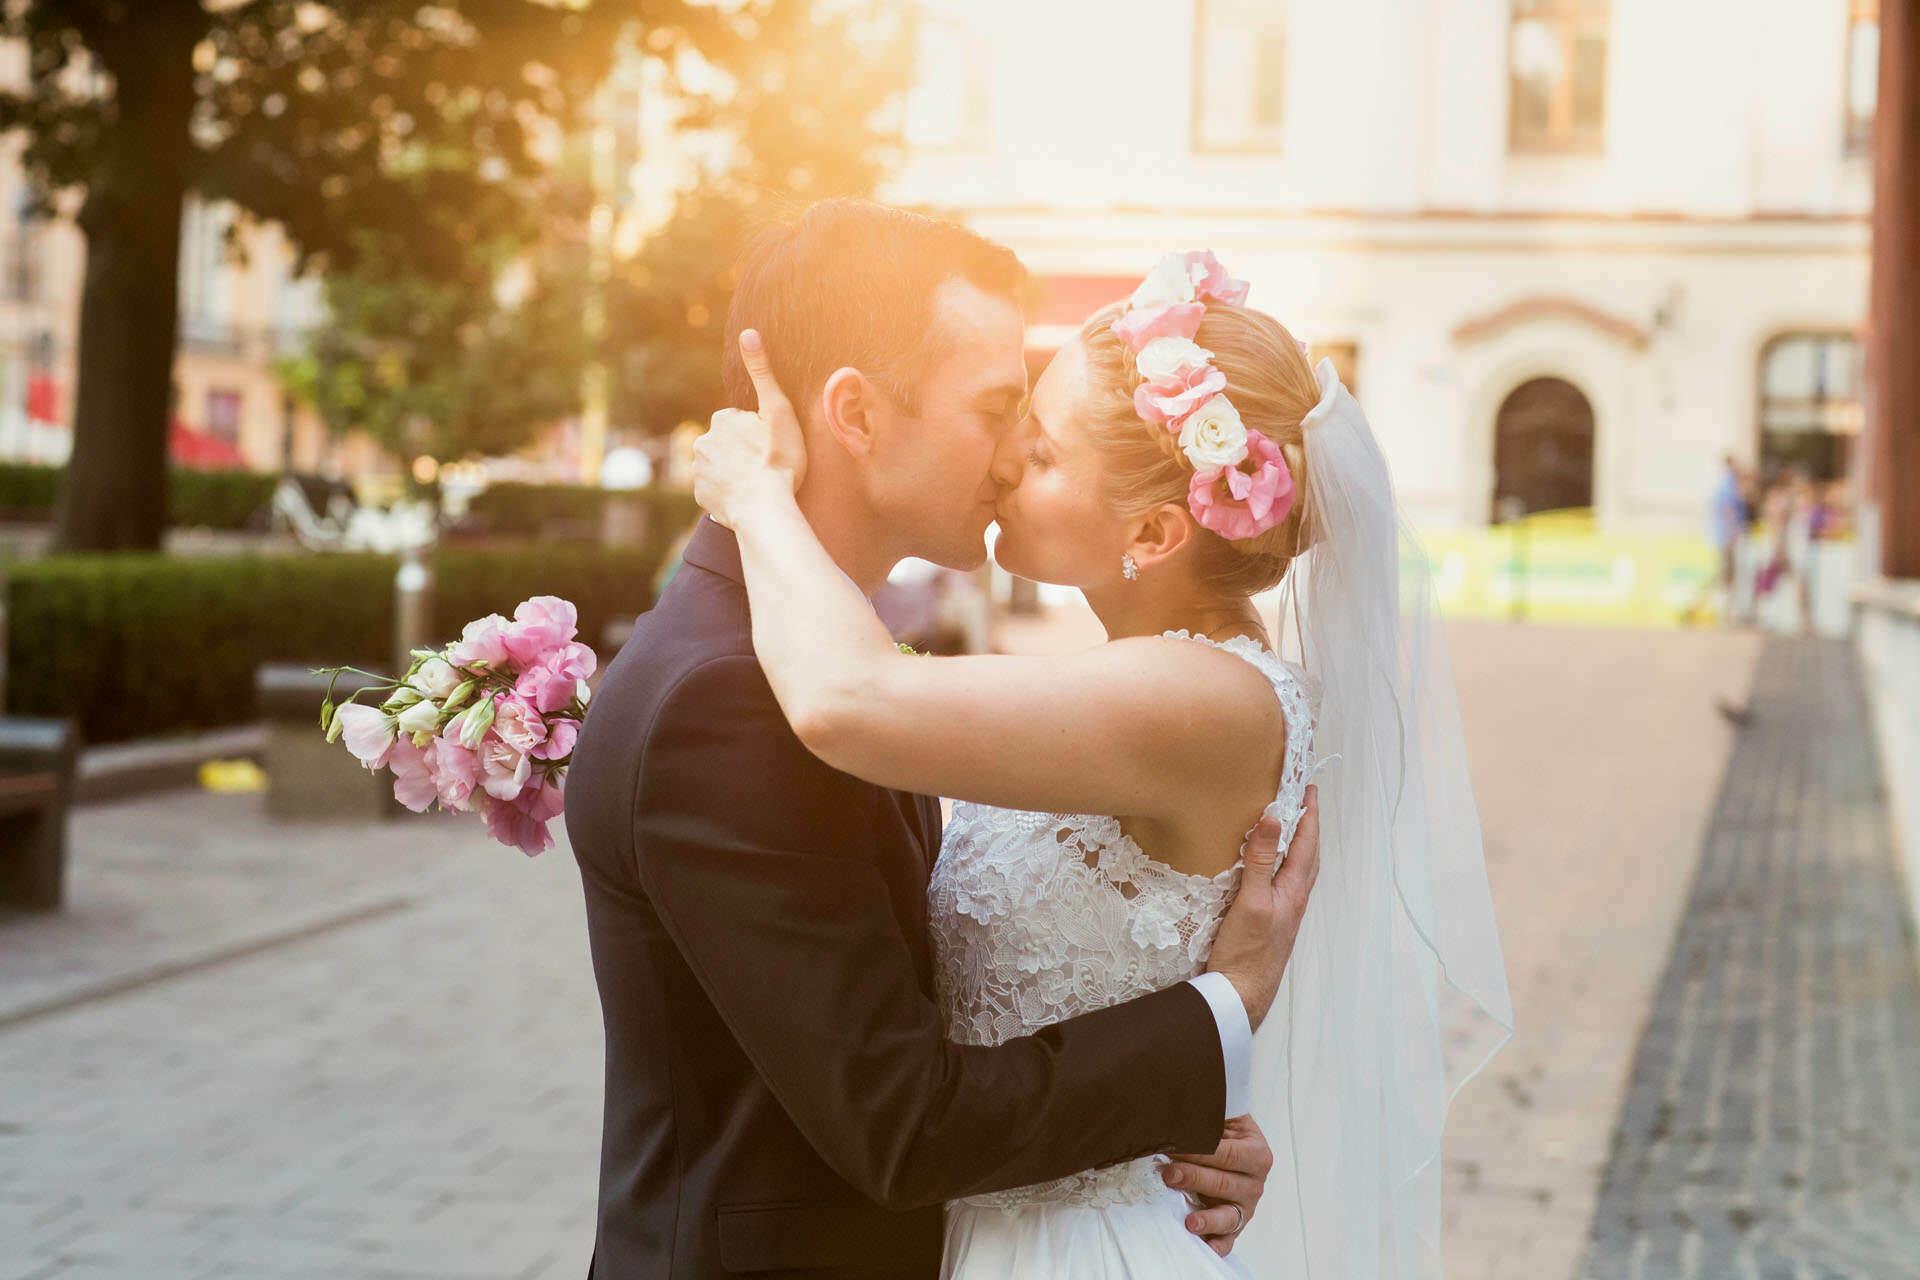 Fotograf ślubny Kraków - sesja zdjęciowa Pary Młodej w dniu ślubu